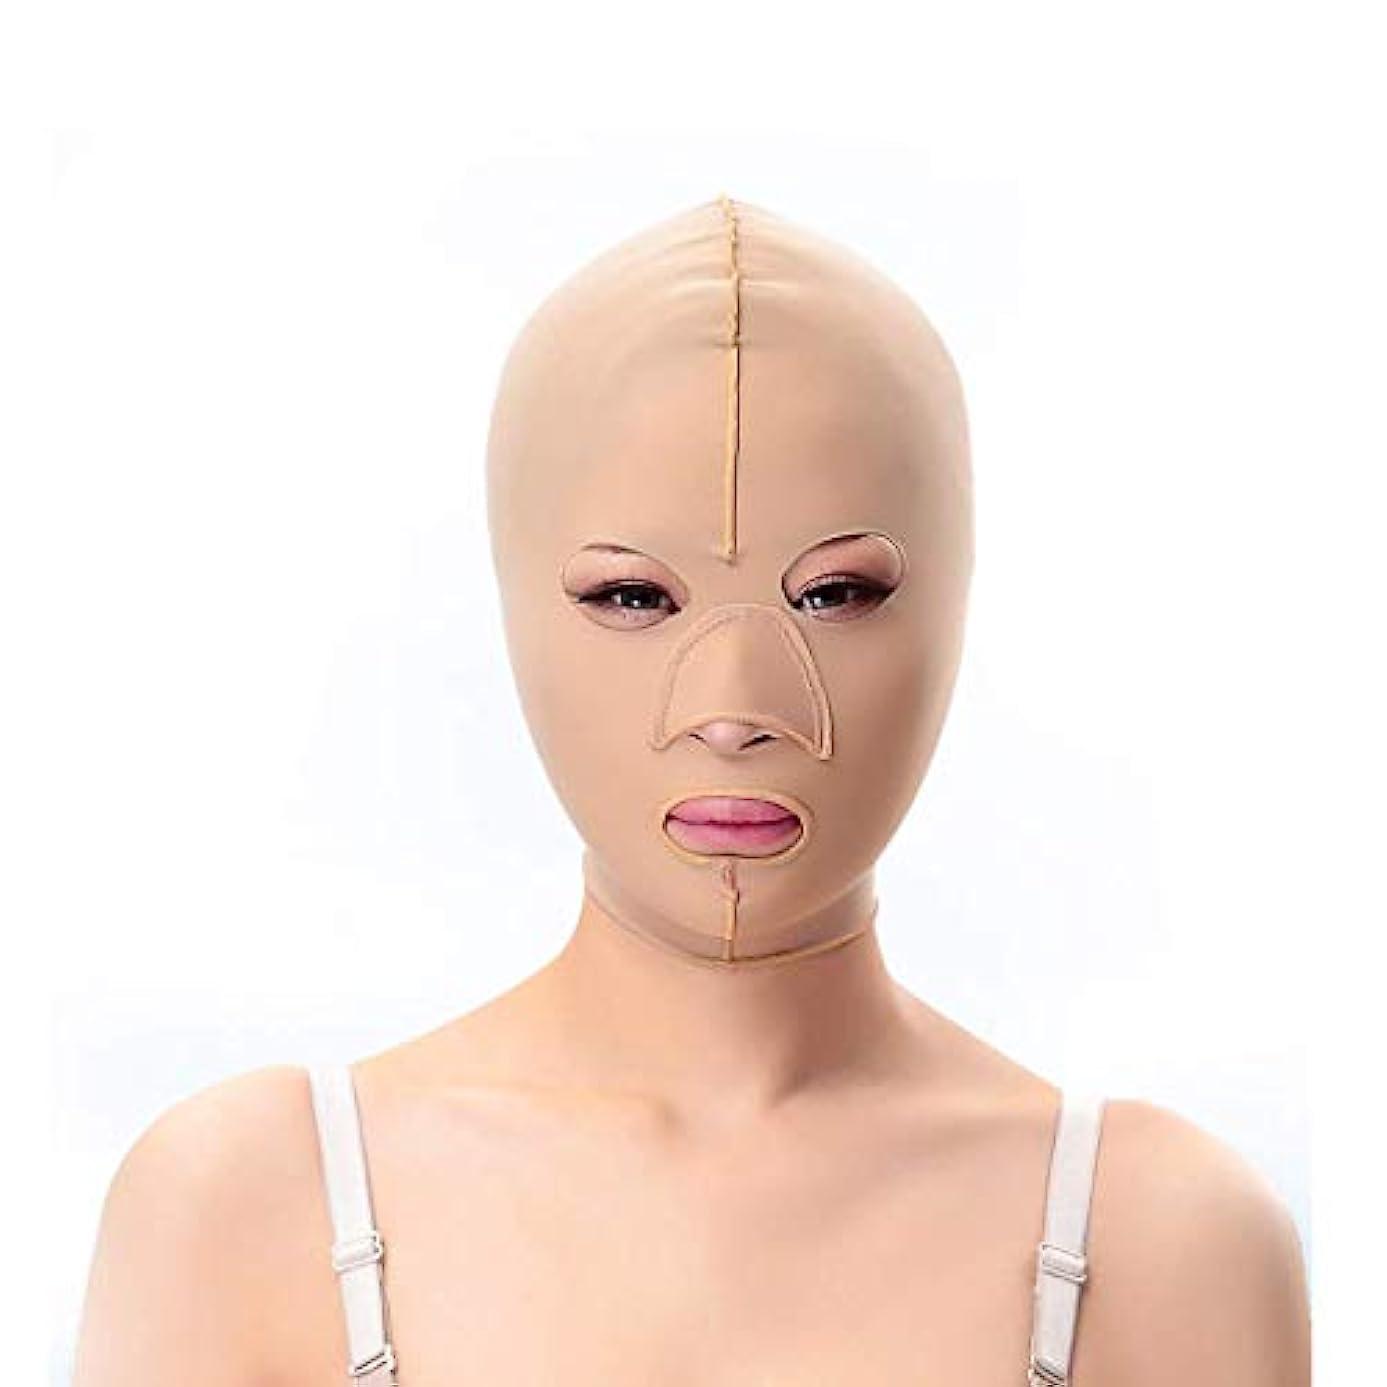 電気陽性エネルギー偏差スリミングベルト、二重あごの引き締め顔のプラスチックフェイスアーティファクト強力なフェイス包帯を脇に持ち上げるパターンを欺くためのフェイシャルマスクシンフェイスマスク(サイズ:L),S